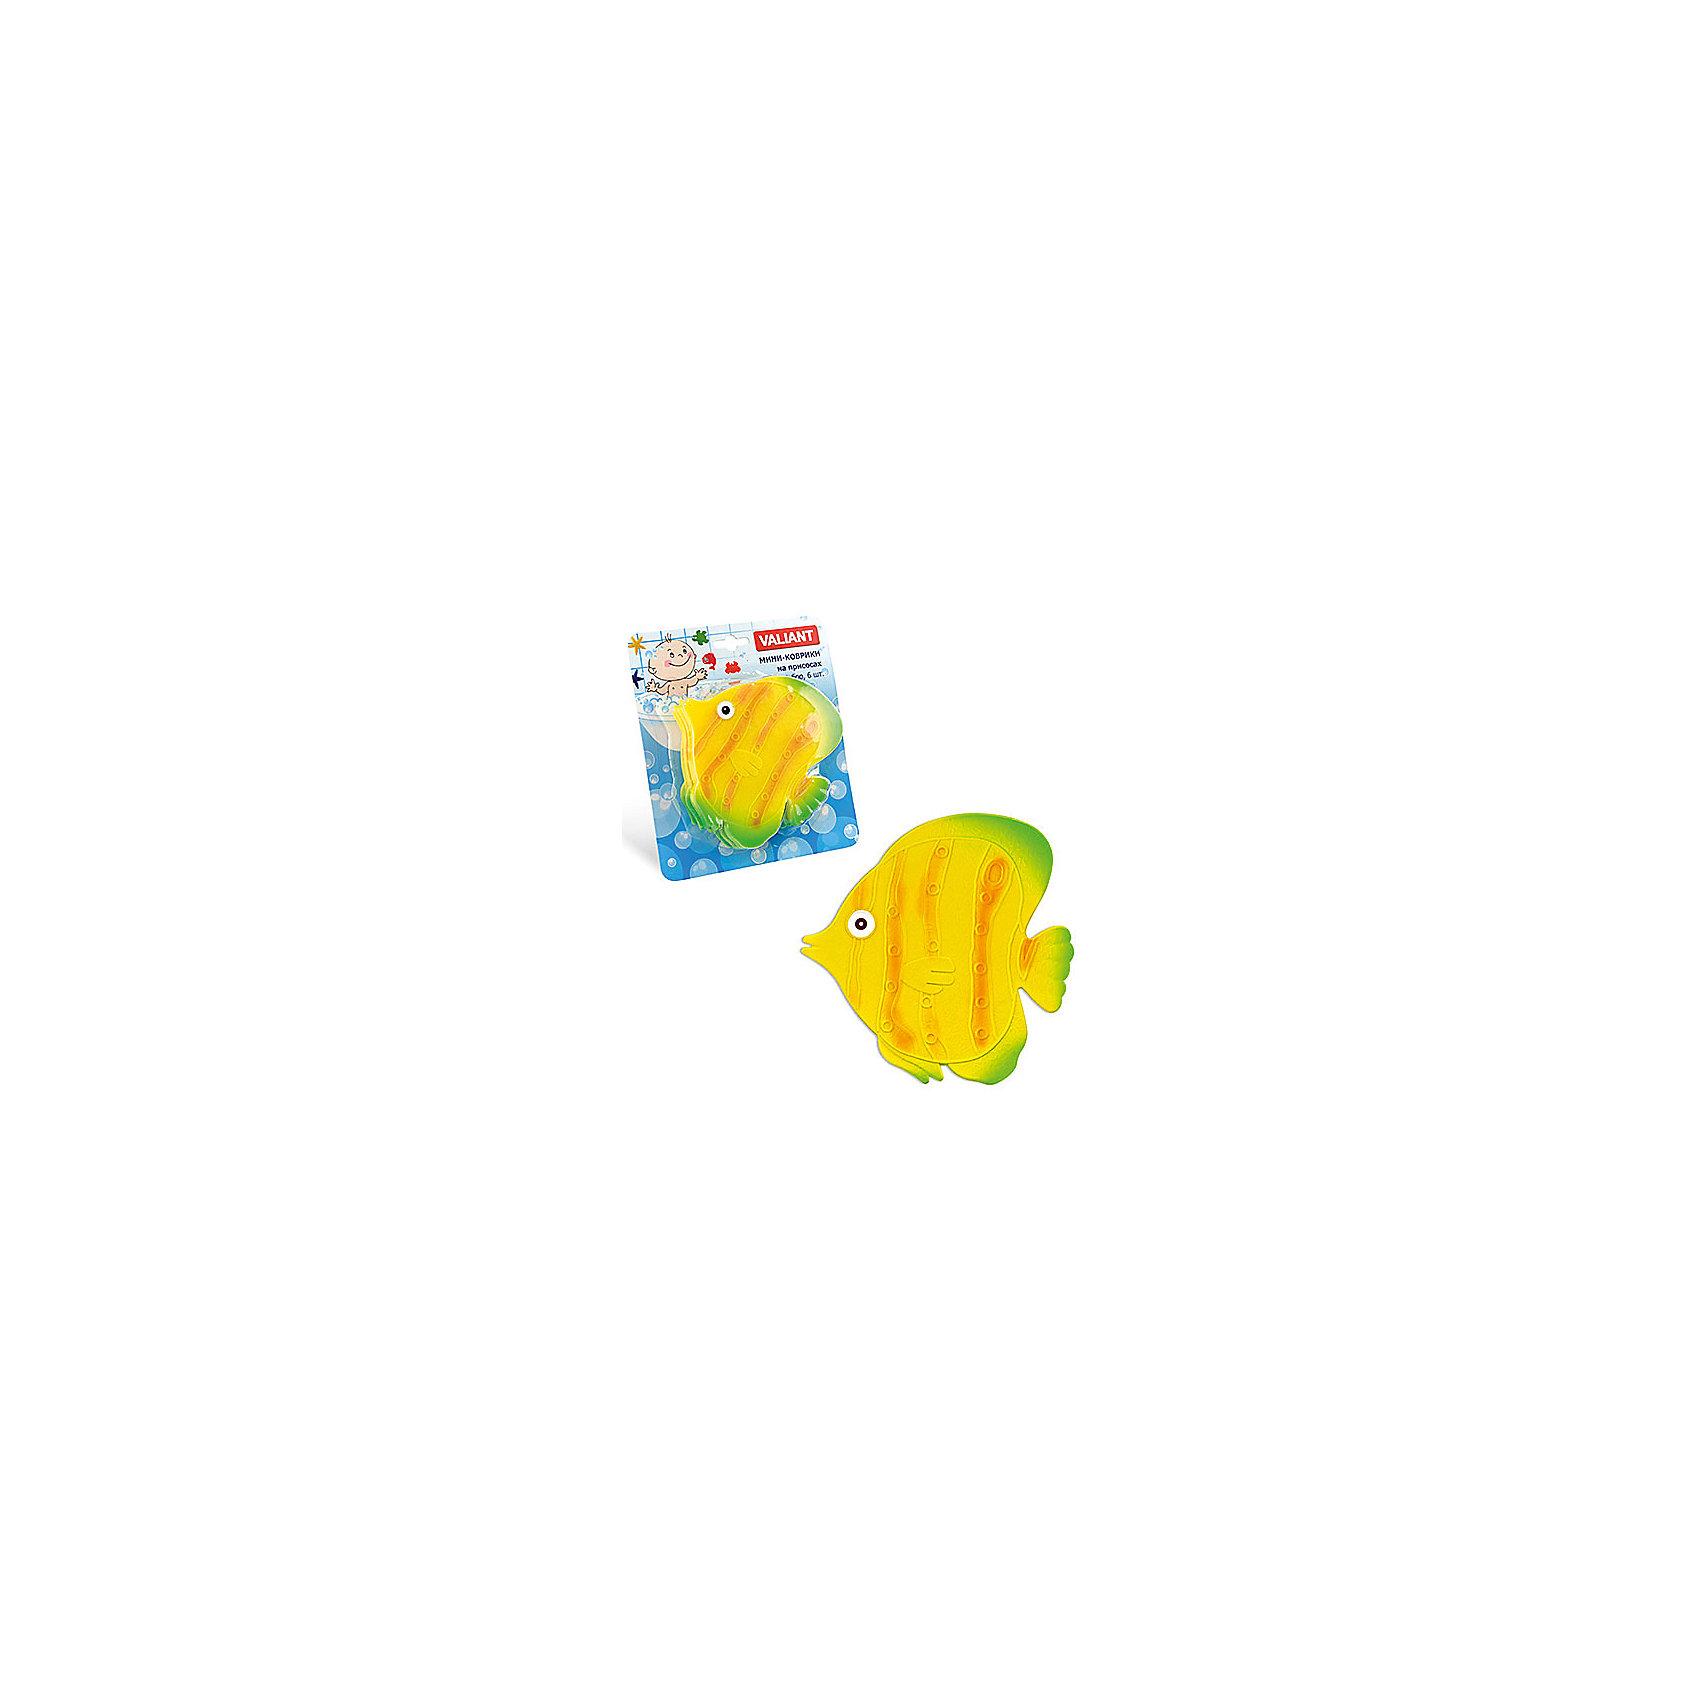 Набор ковриков Рыба на присосках (6 шт)Ванная комната<br>Мини-коврики для ванной комнаты - это яркое дополнение к купанию малыша. Это и игра и развитие моторики и изучение зверушек. <br>Колоссальный и постоянно растущий спрос на них обусловлен реакцией малышей и их мам на данное изобретение по всему миру.<br>Мини-коврики снабжены присосками и превосходно клеятся на влажный кафель.<br><br>Ширина мм: 130<br>Глубина мм: 140<br>Высота мм: 50<br>Вес г: 198<br>Возраст от месяцев: -2147483648<br>Возраст до месяцев: 2147483647<br>Пол: Унисекс<br>Возраст: Детский<br>SKU: 4563315